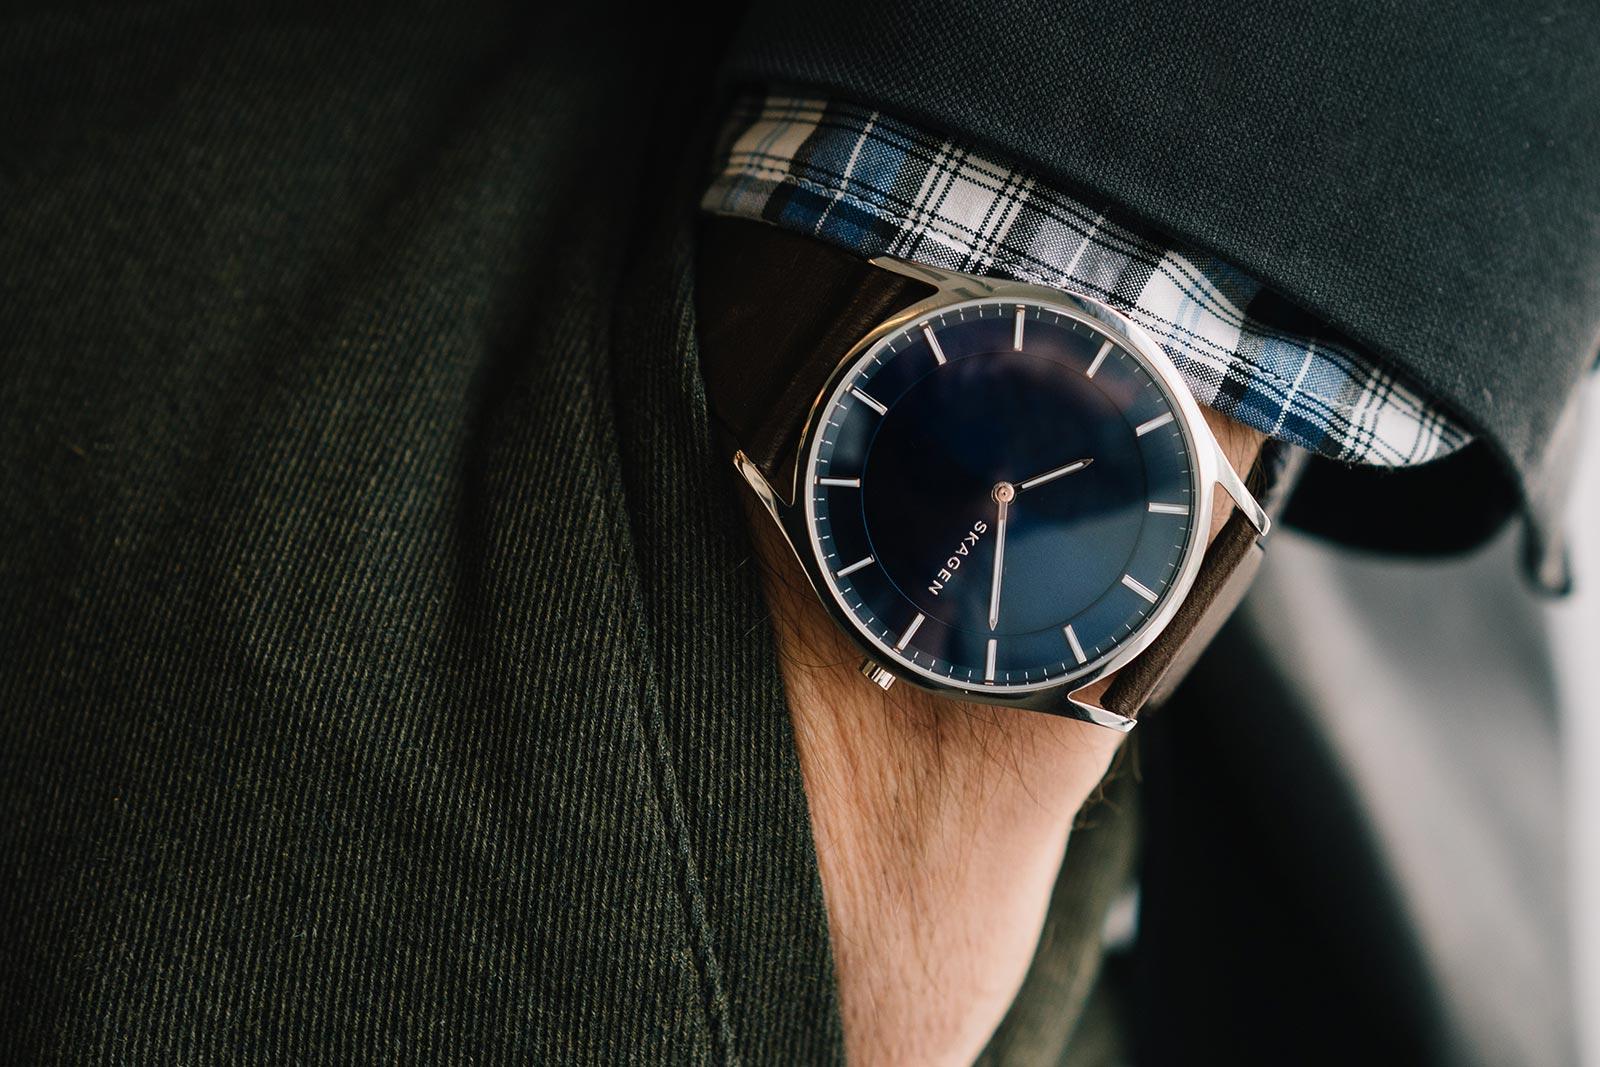 skagen-watch-featured.jpg